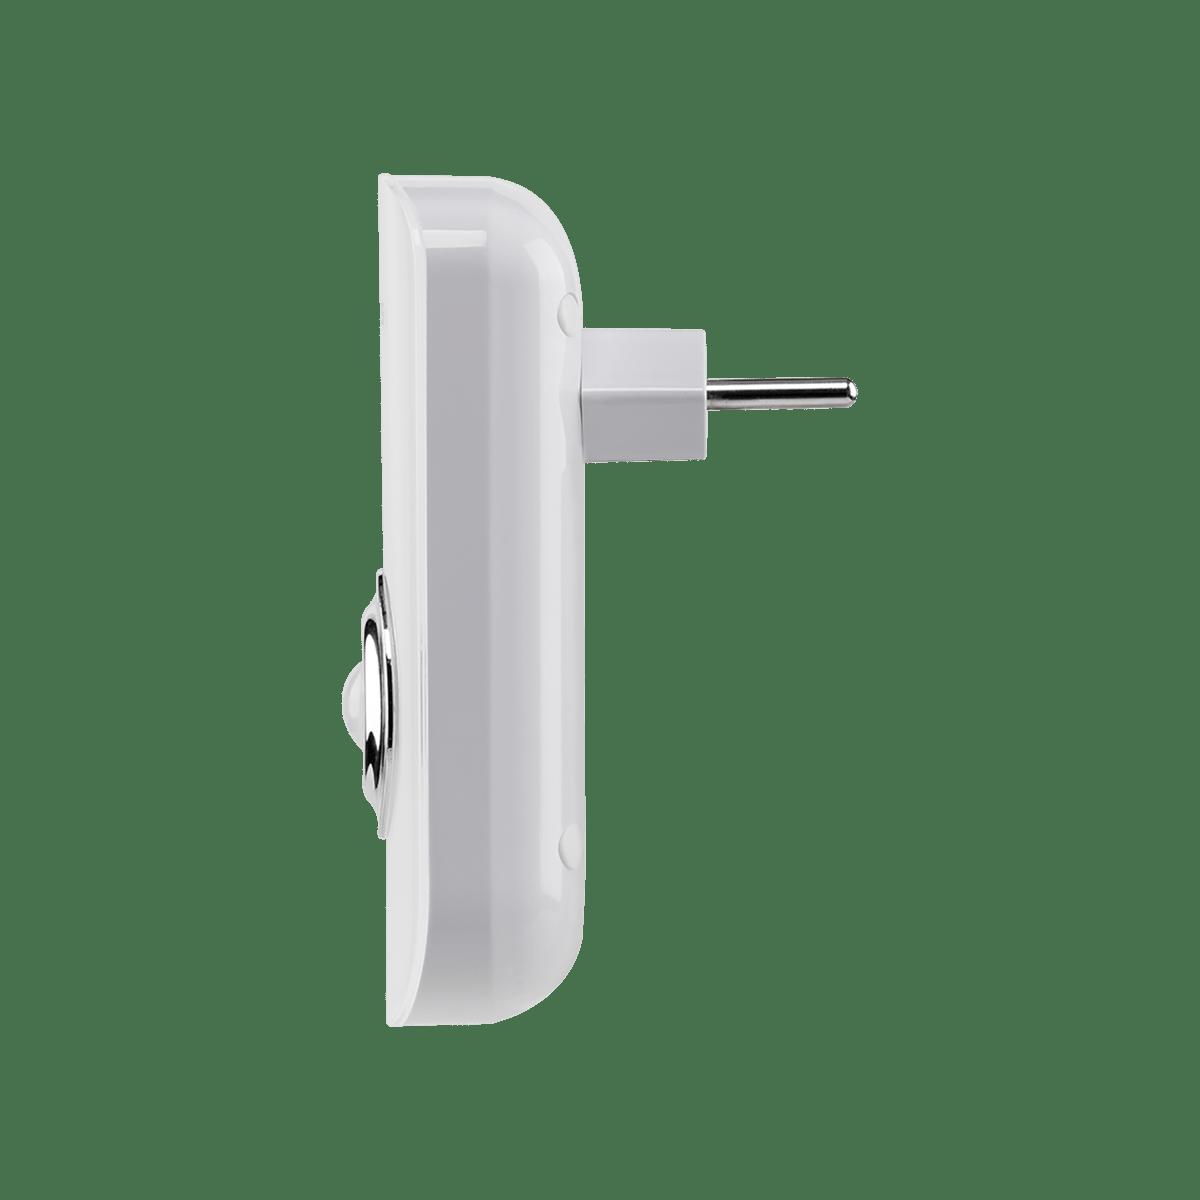 Luminária LED com Sensor de Presença Intelbras ESI 5002